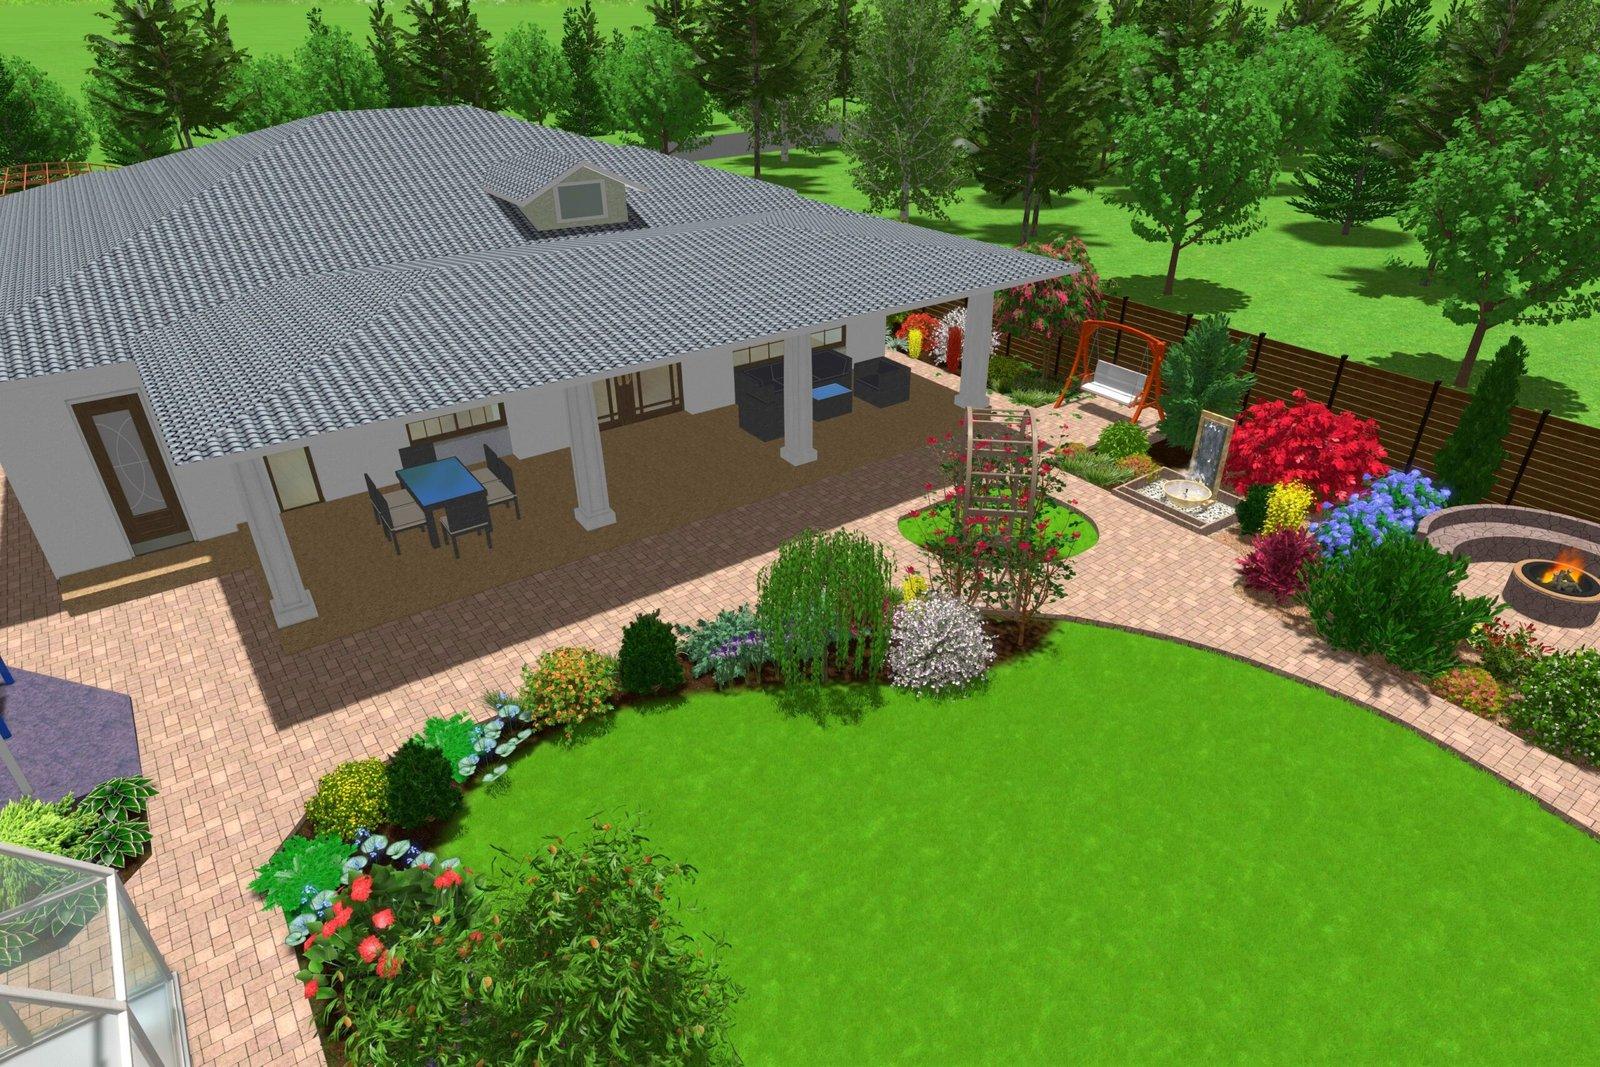 газон яркий, декоративные элементы в ландшафтном дизайне, оформление садовой территории,